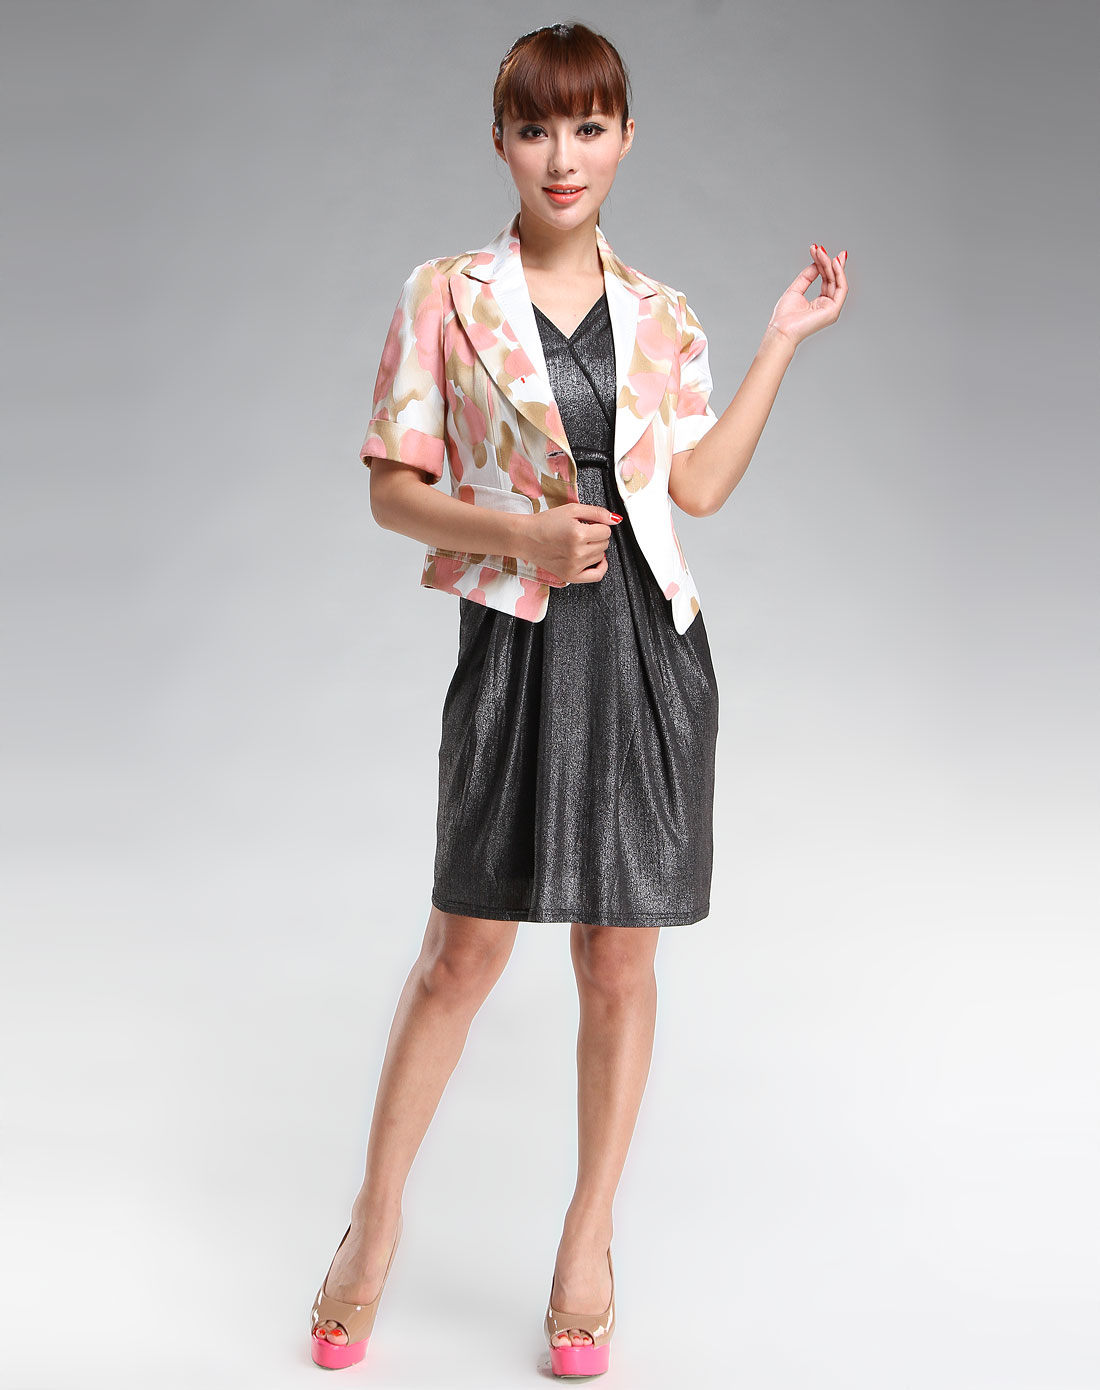 女款白/粉红色时尚中袖上衣